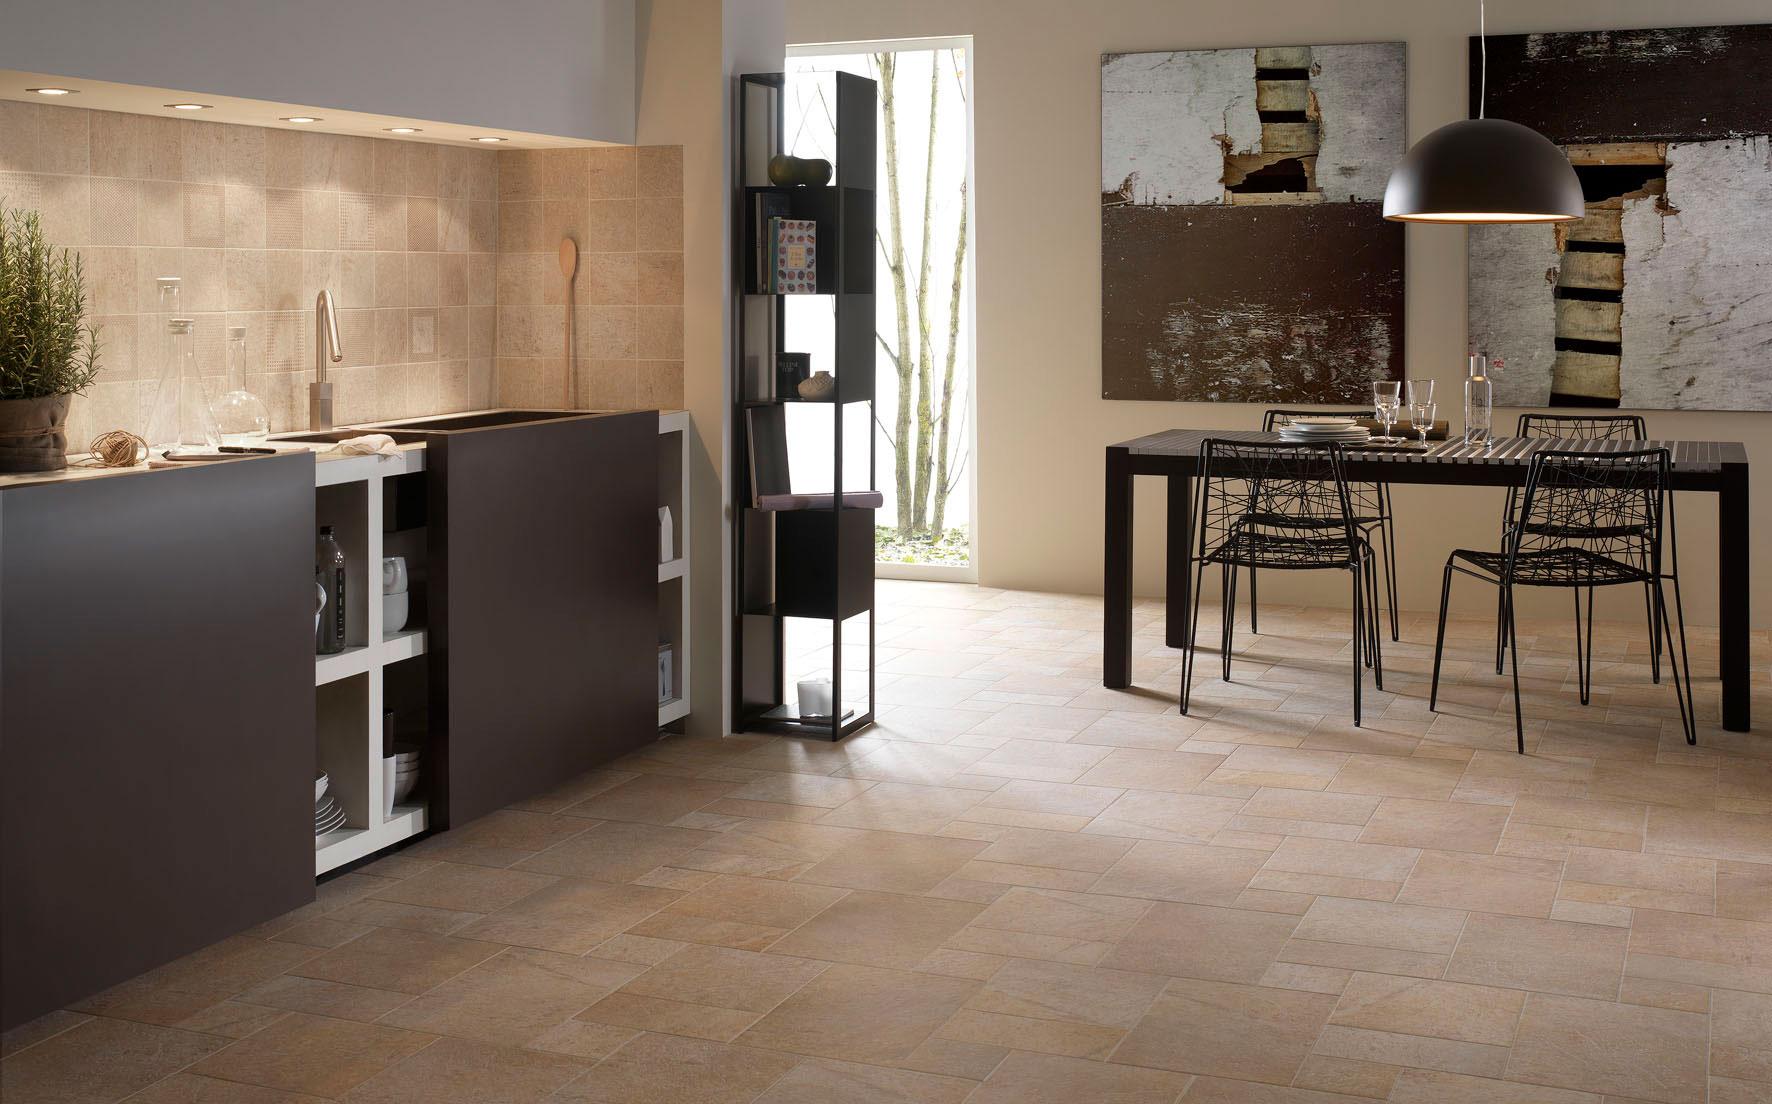 Interni ed esterni living e bagno le caratteristiche for Ambienti interni moderni